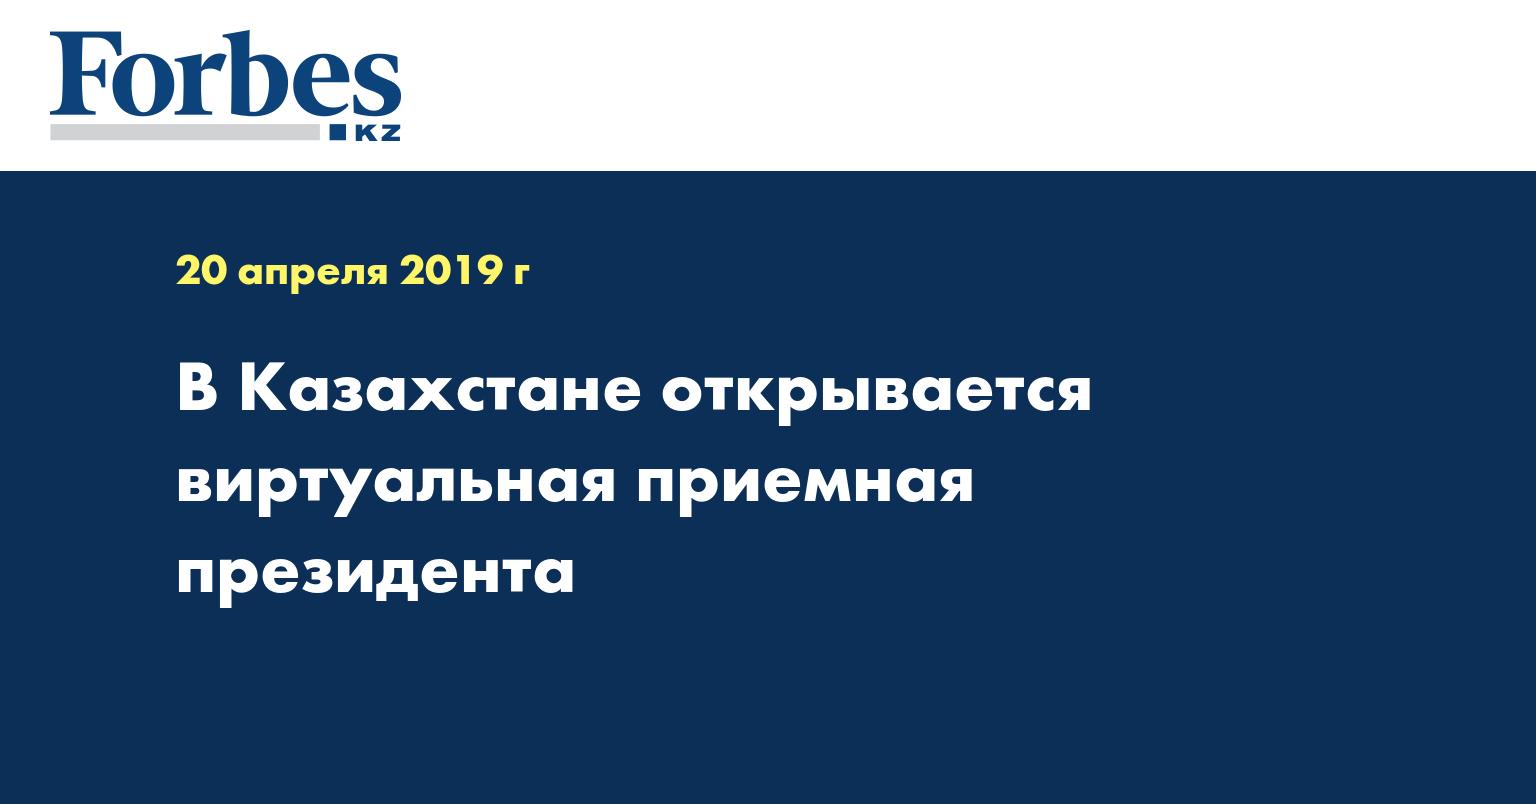 В Казахстане открывается виртуальная приемная президента